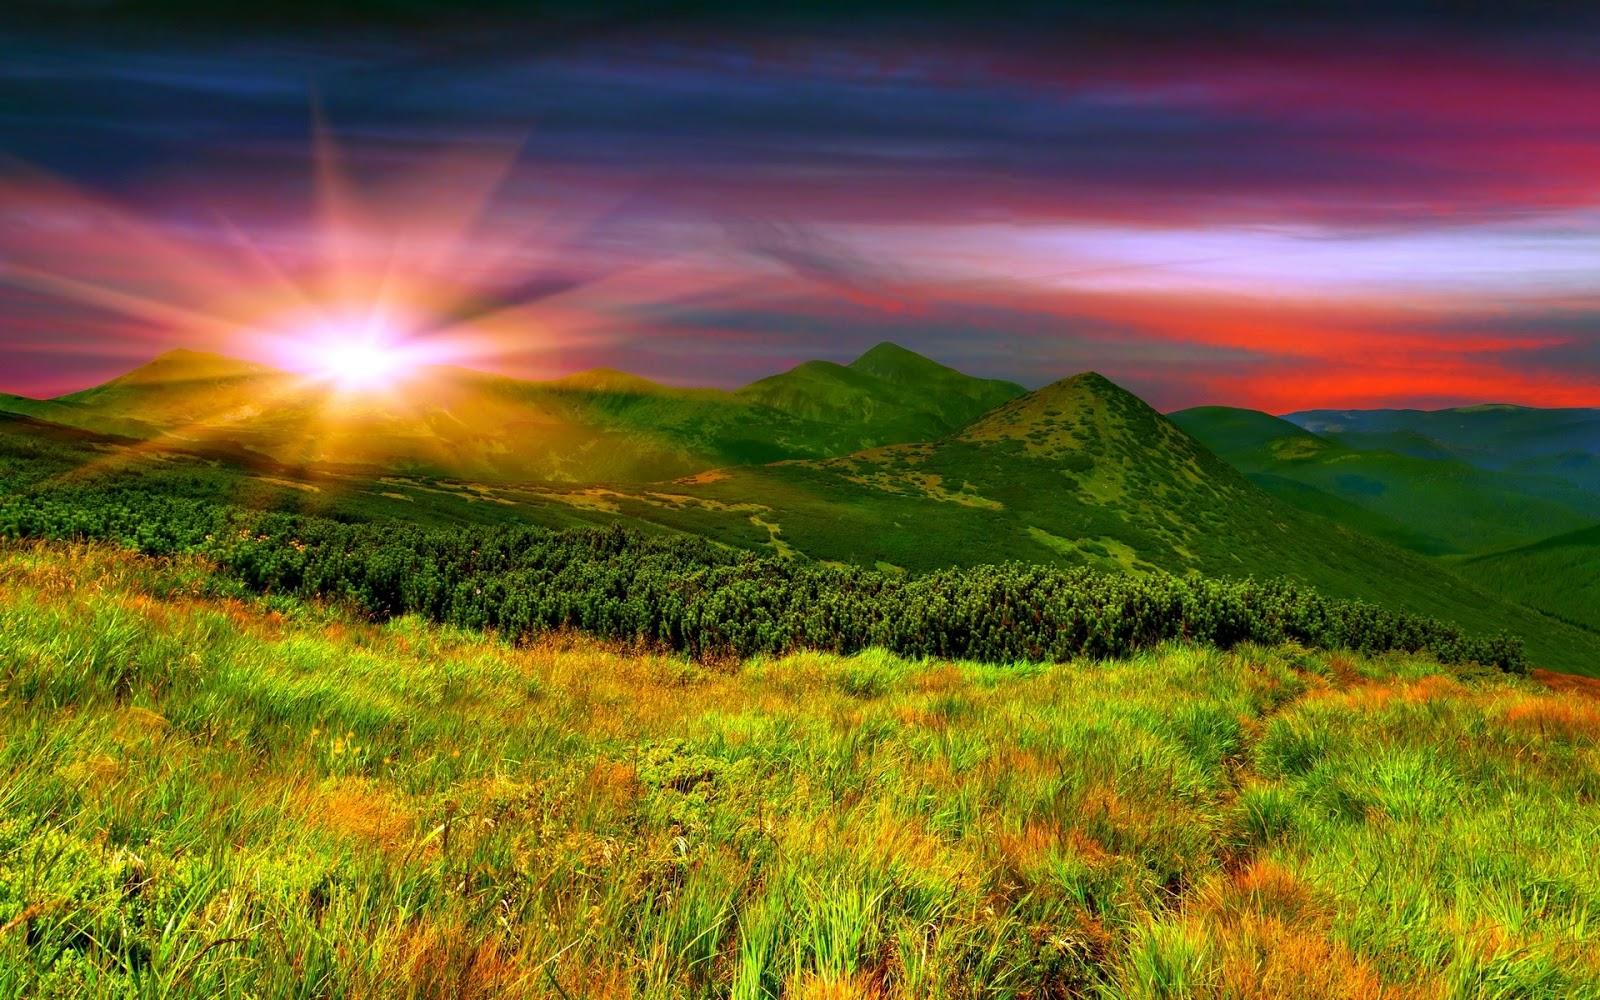 Most Beautiful Widescreen Desktop Wallpaper Collection: Beautiful Nature Wallpapers Collection